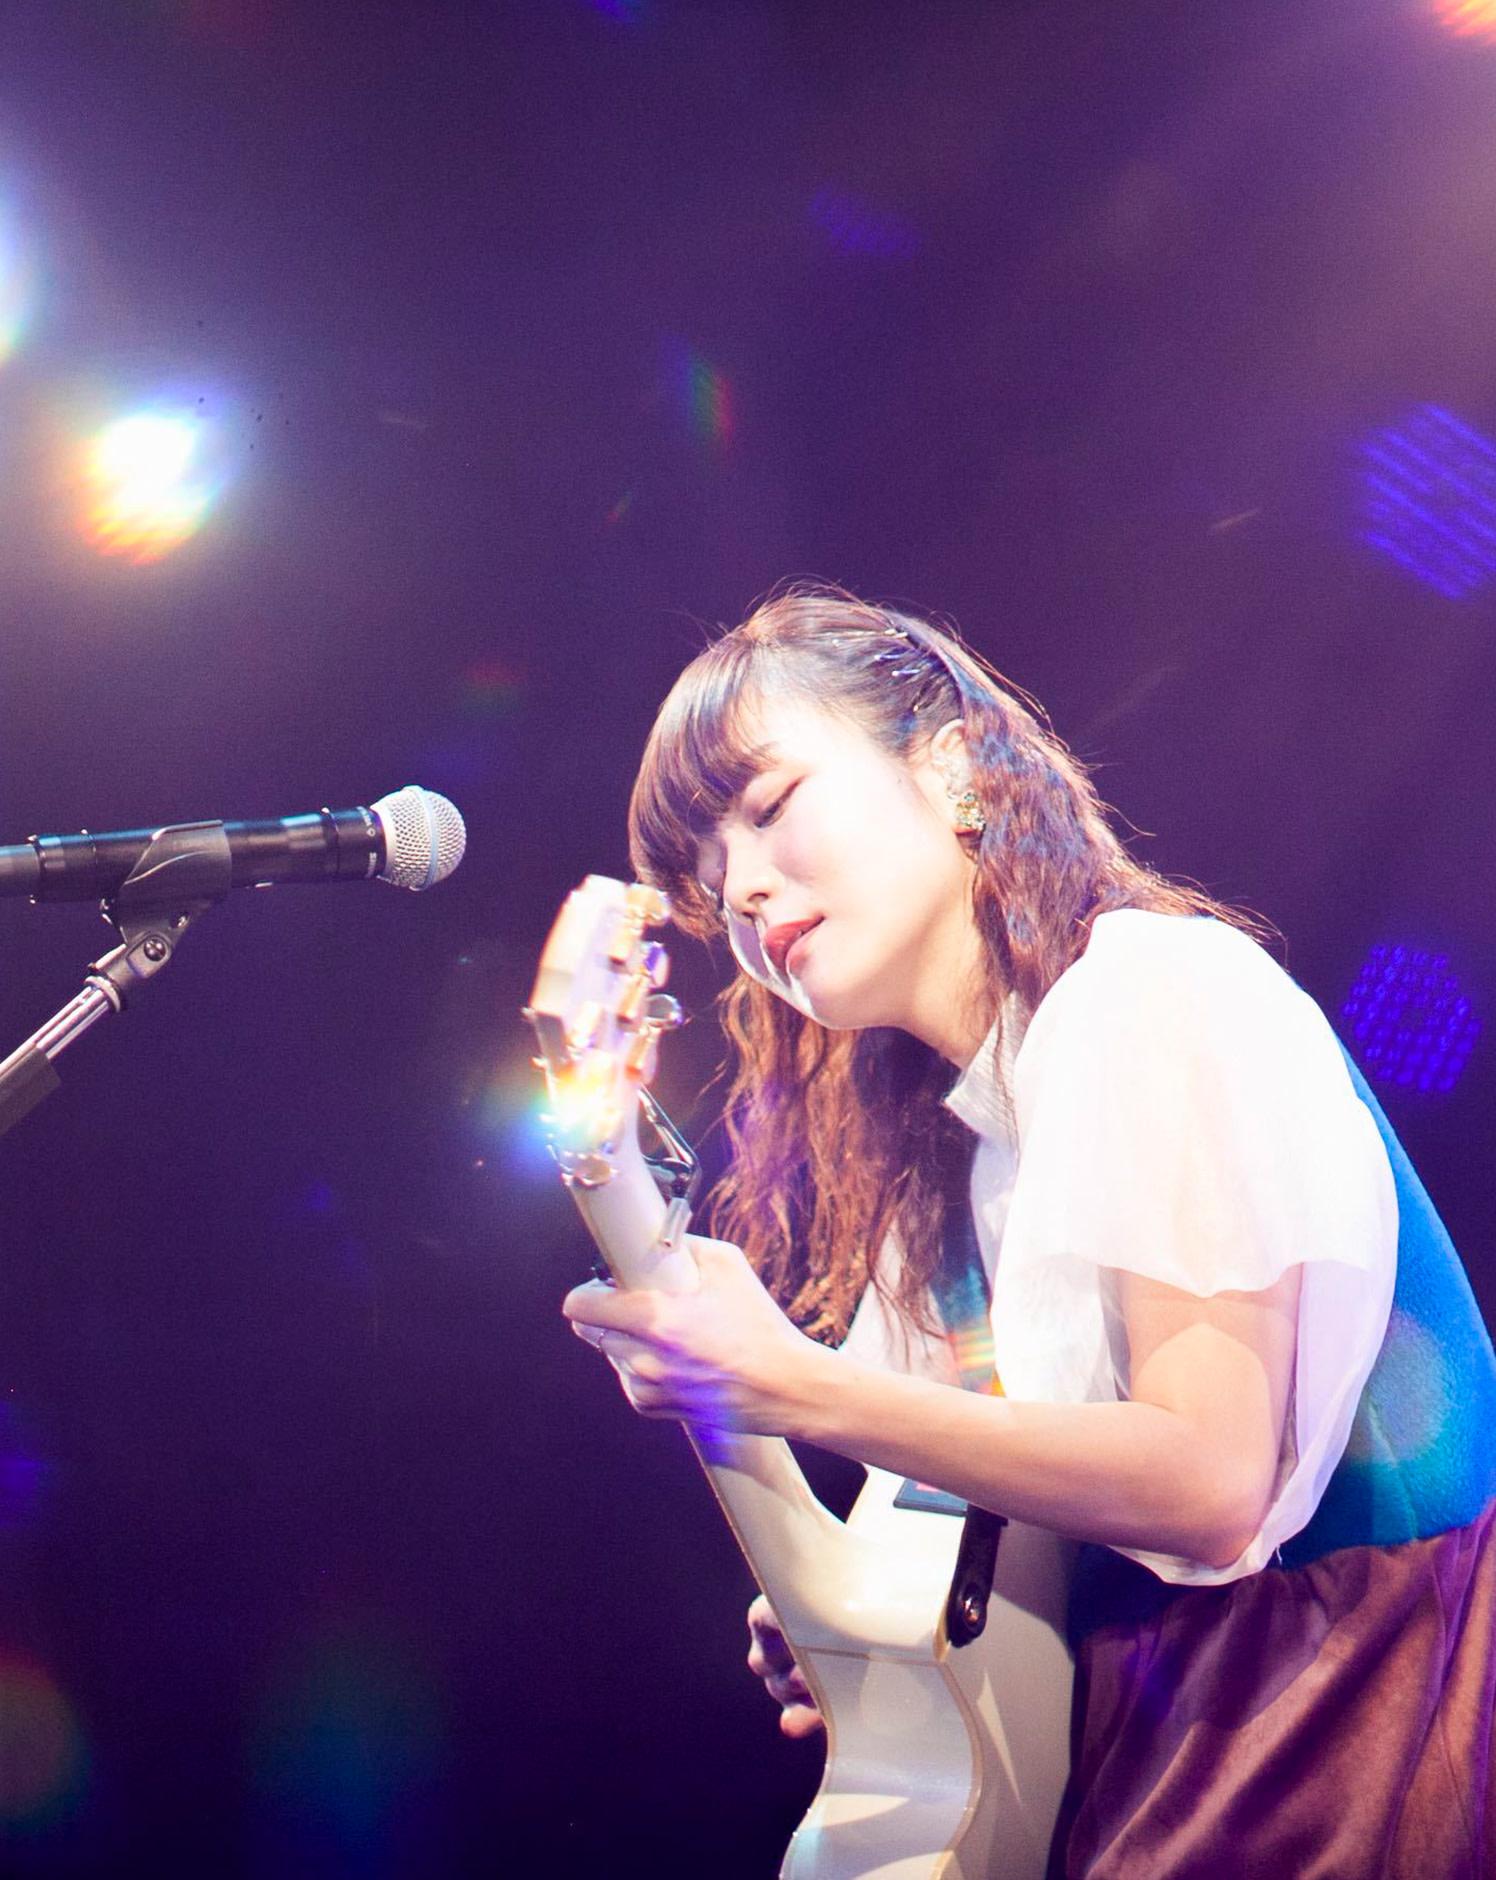 吉澤嘉代子さんの写真